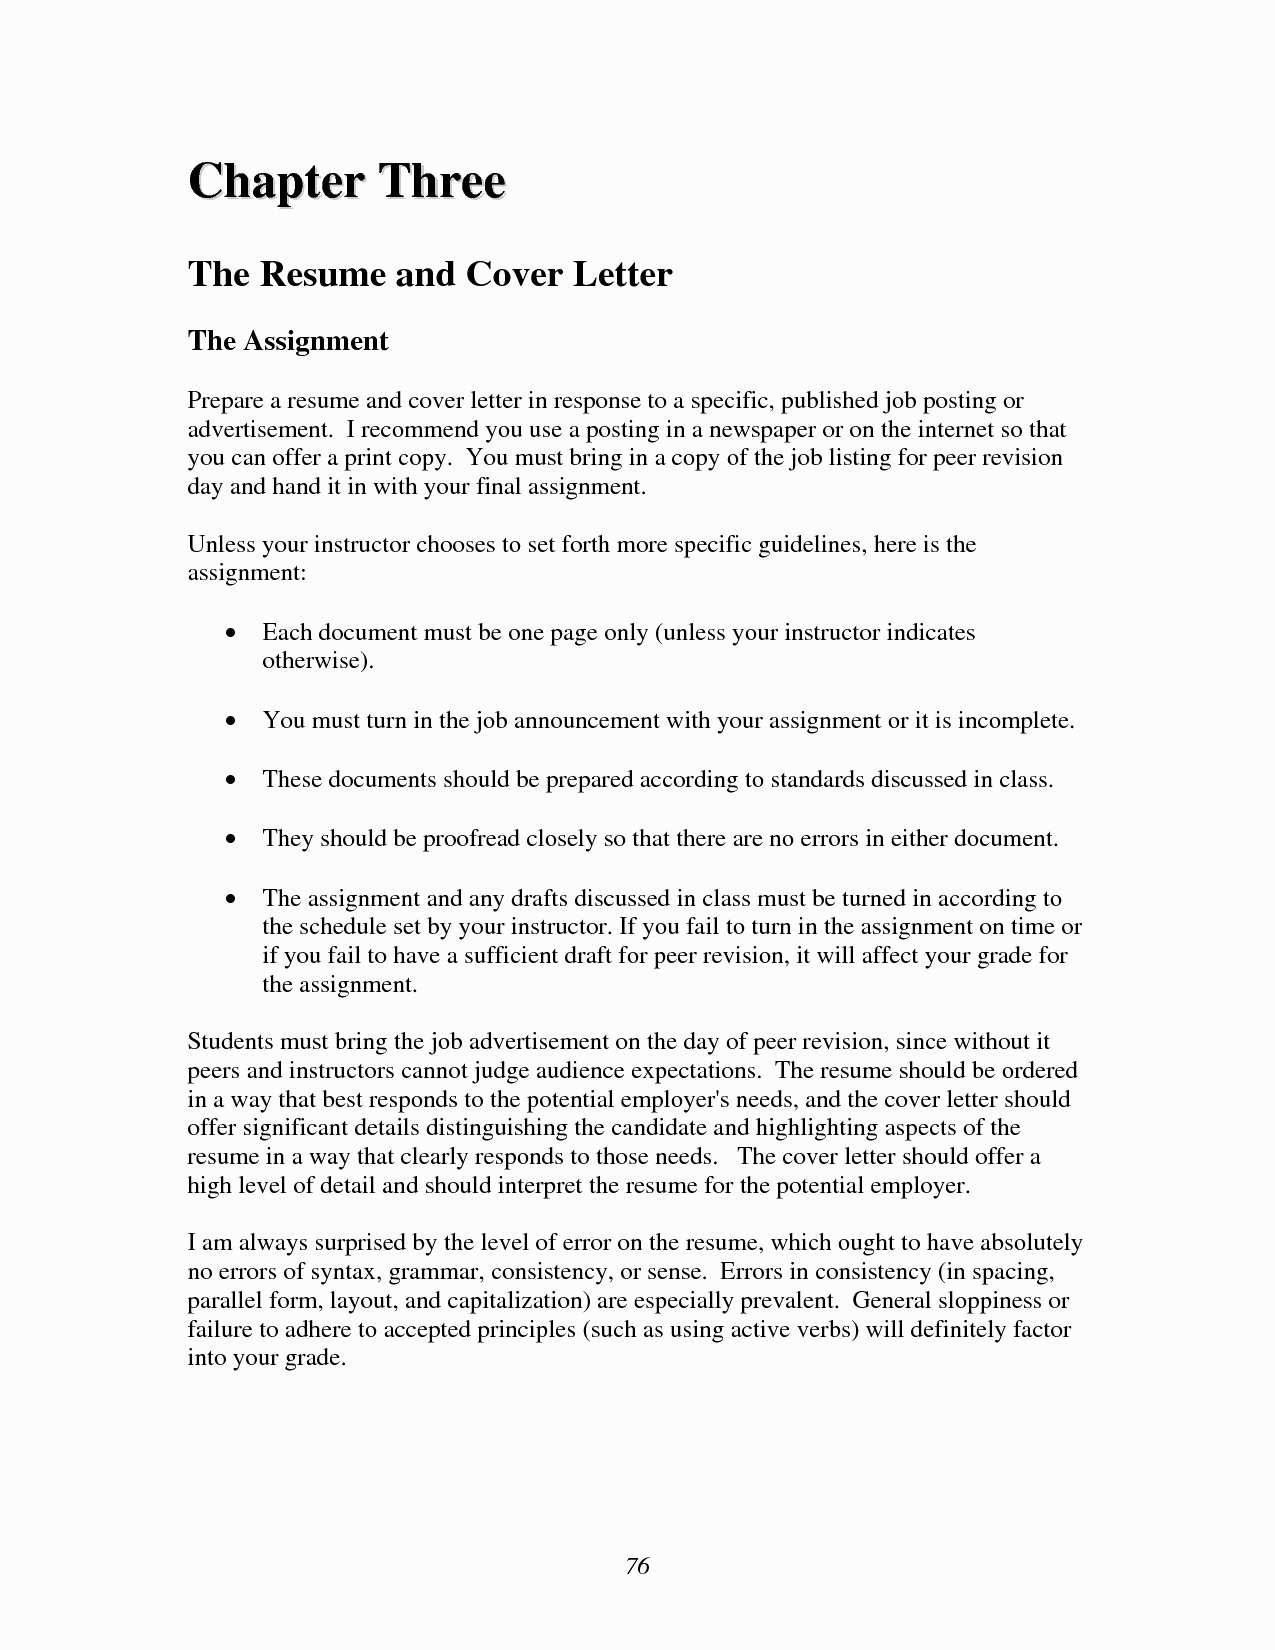 Free Cover Letter Template for Job Application - Resume and Cover Letter Template Beautiful Fresh Job Fer Letter